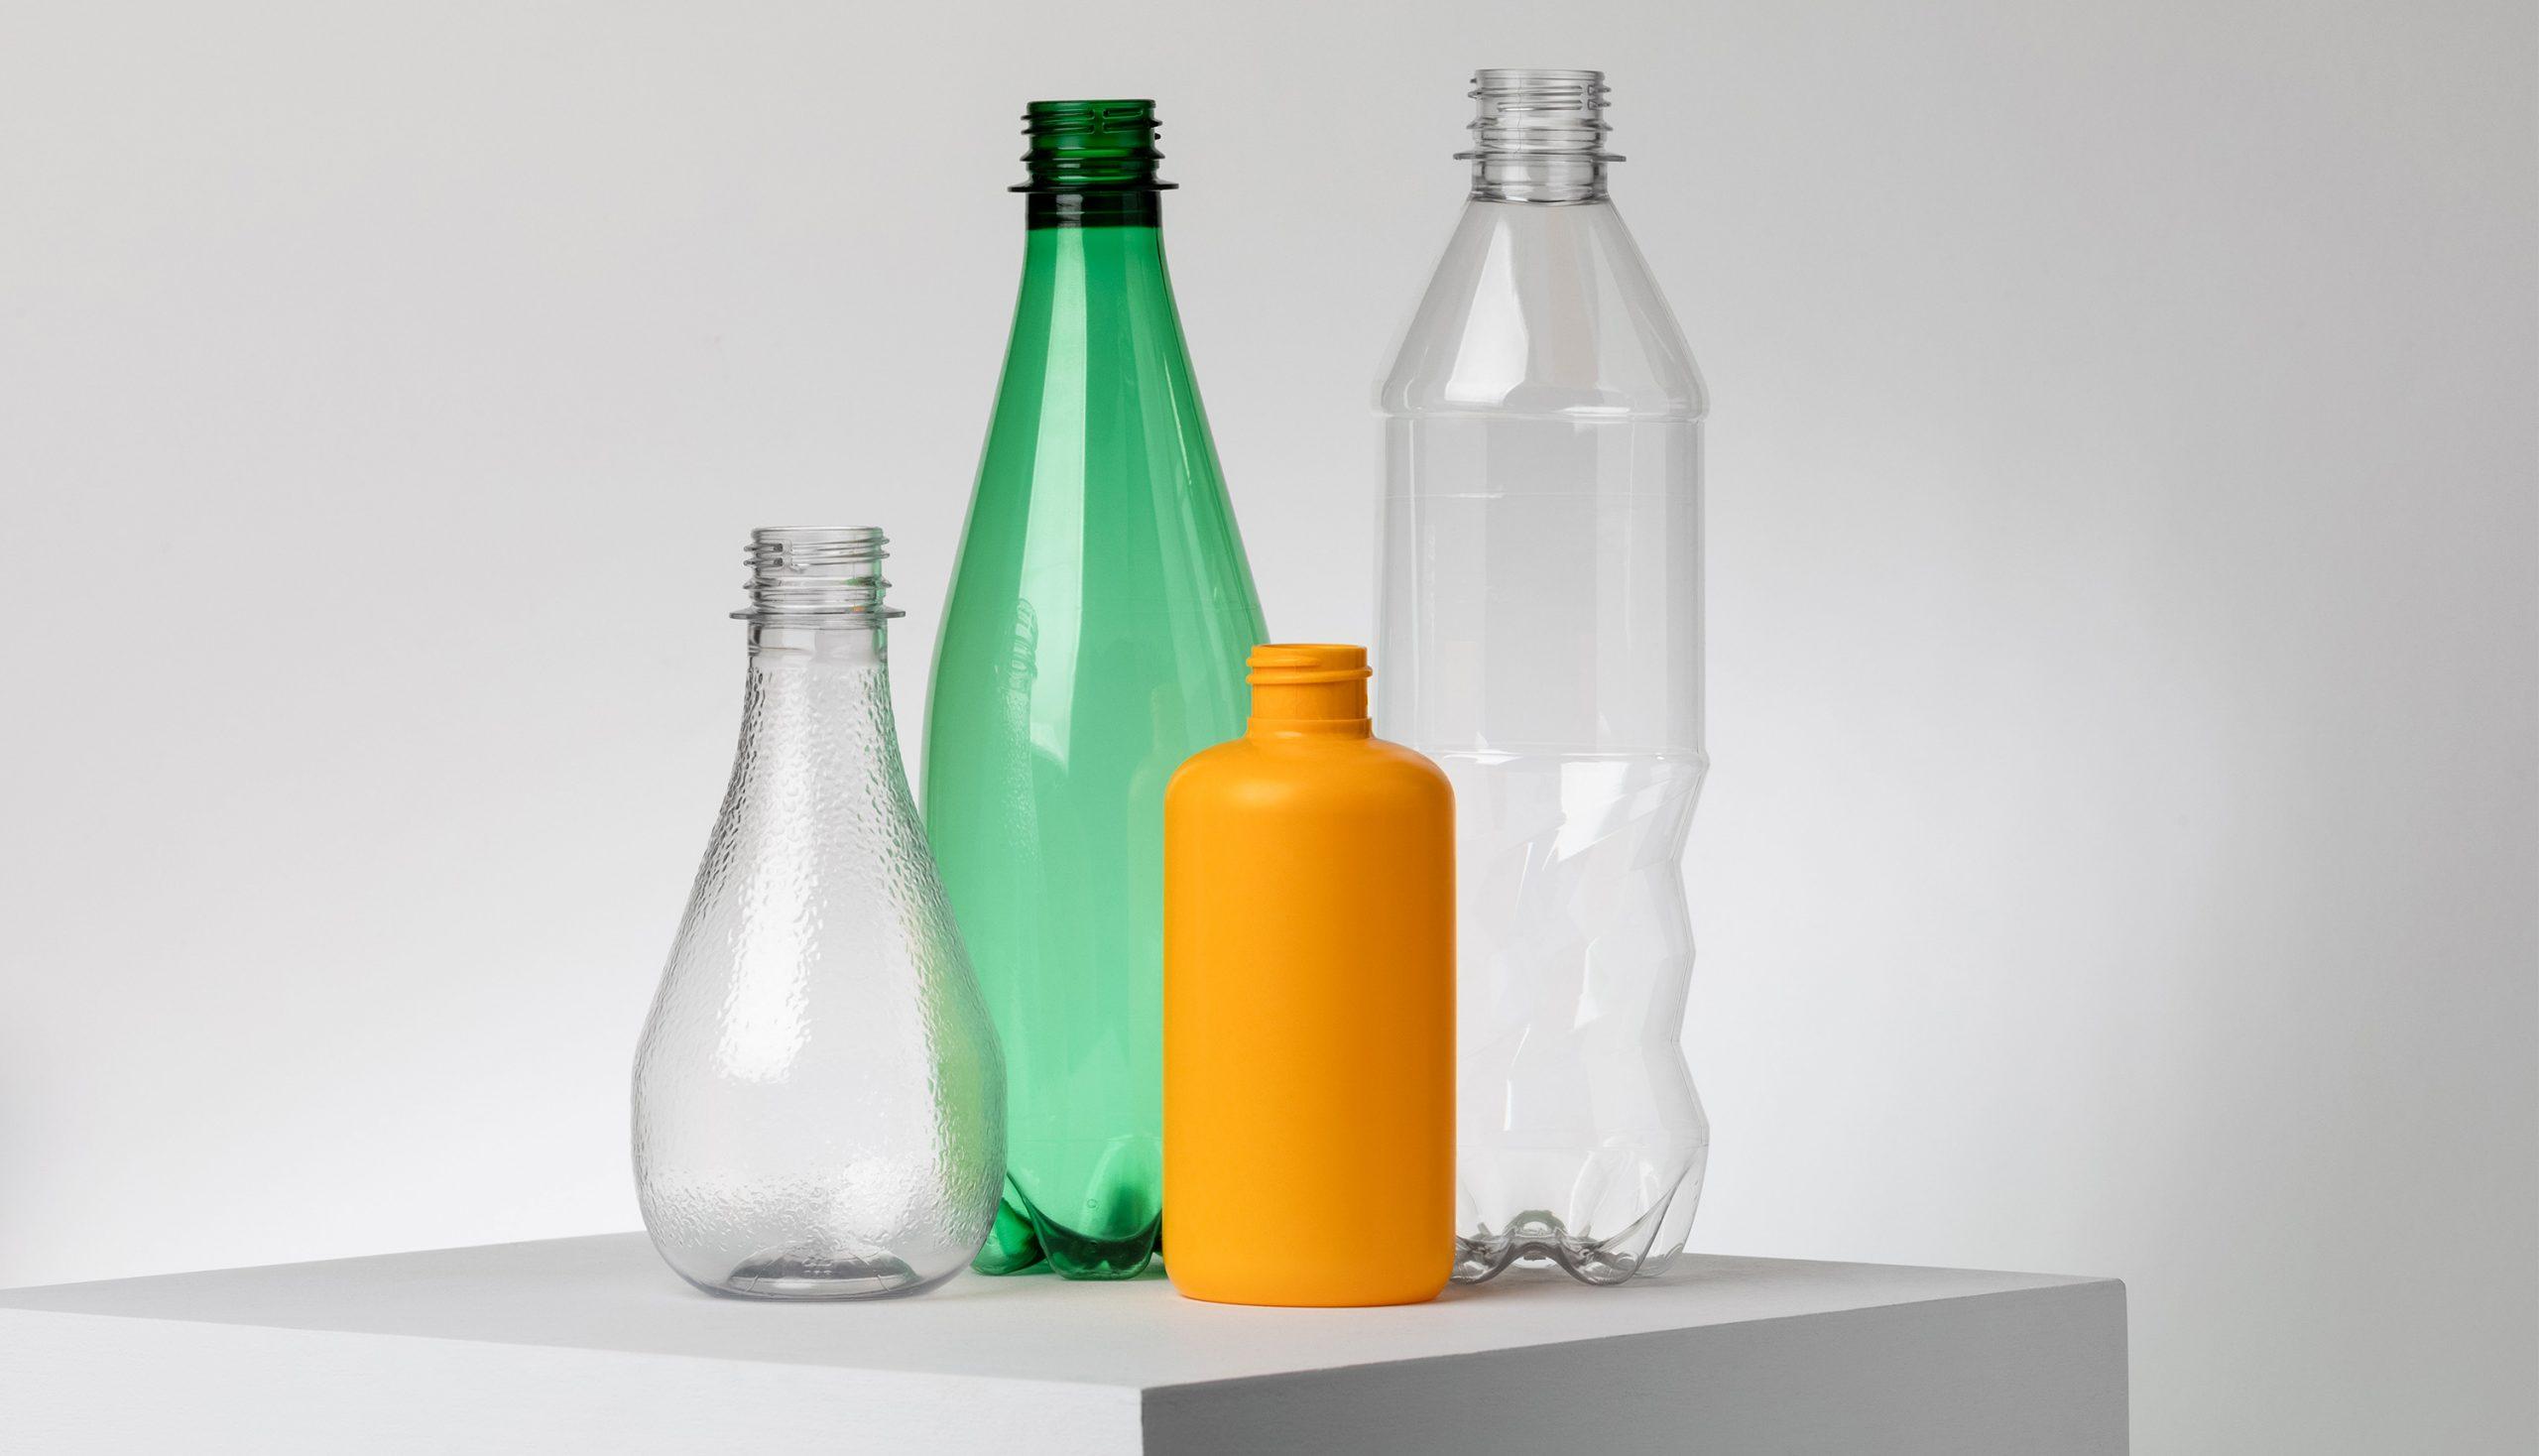 ペットボトルを酵素でリサイクル、仏スタートアップが実証施設